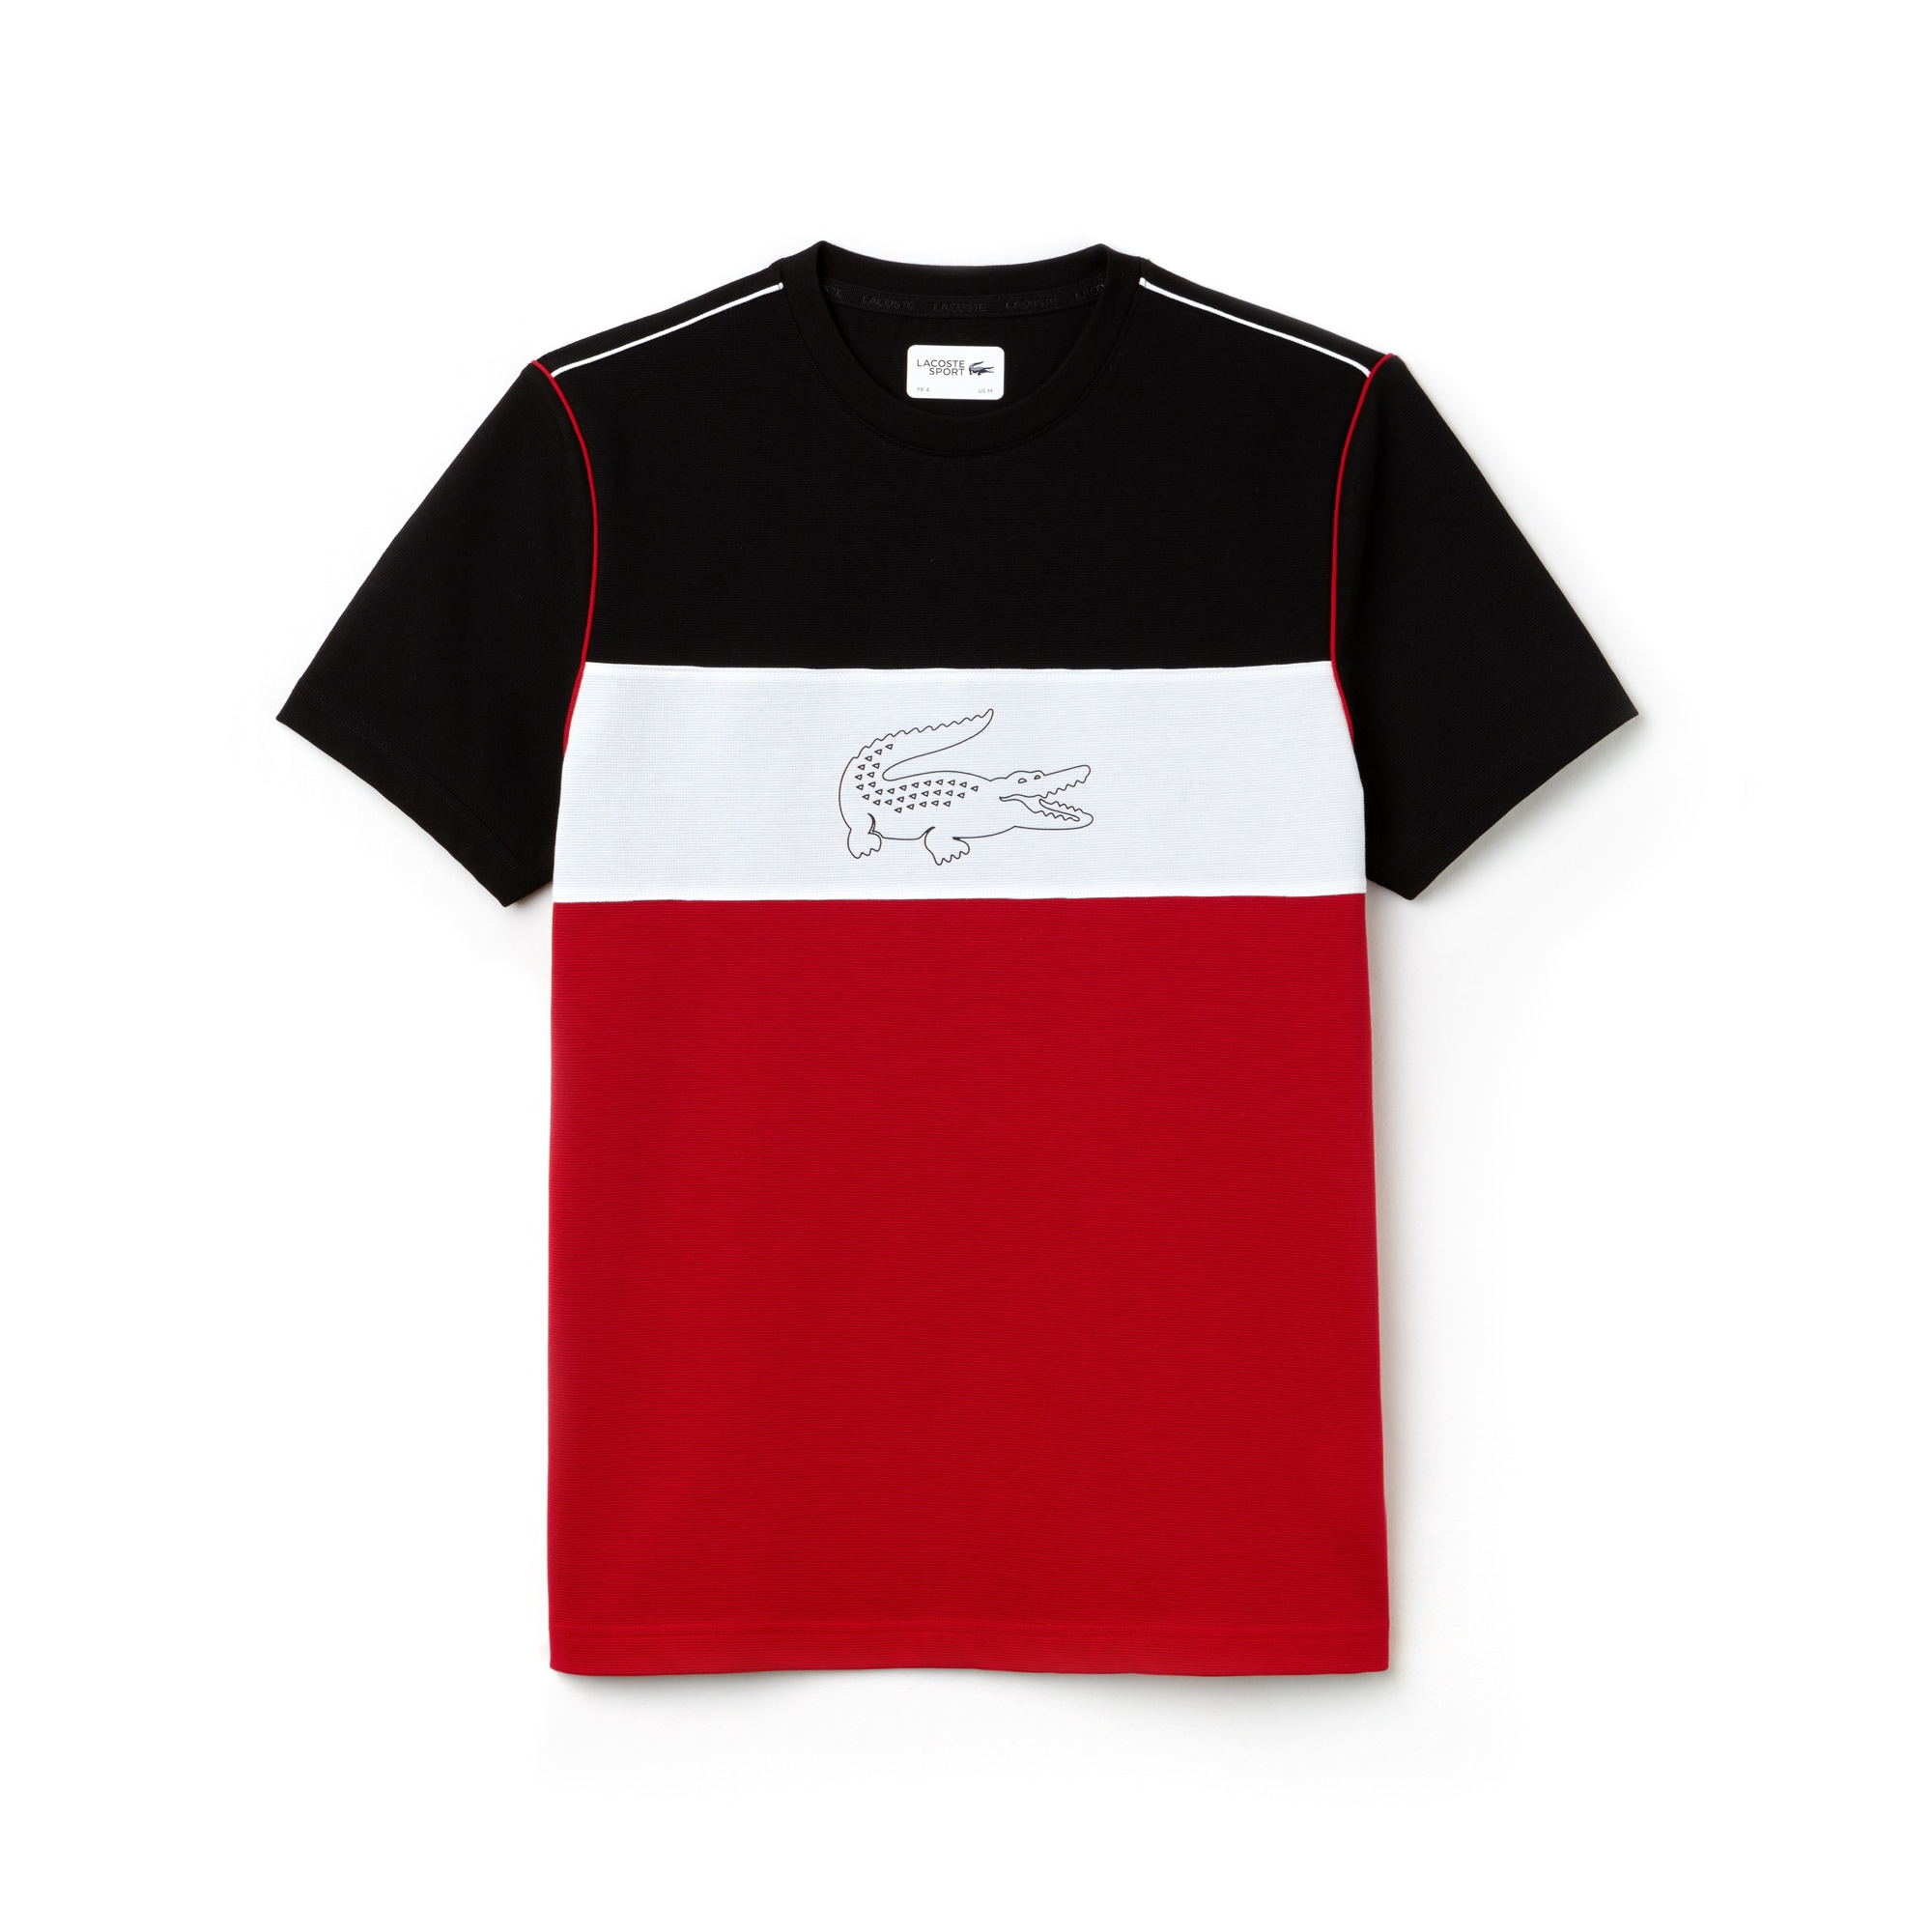 T-shirt Lacoste SPORT em algodão superleve técnico color block